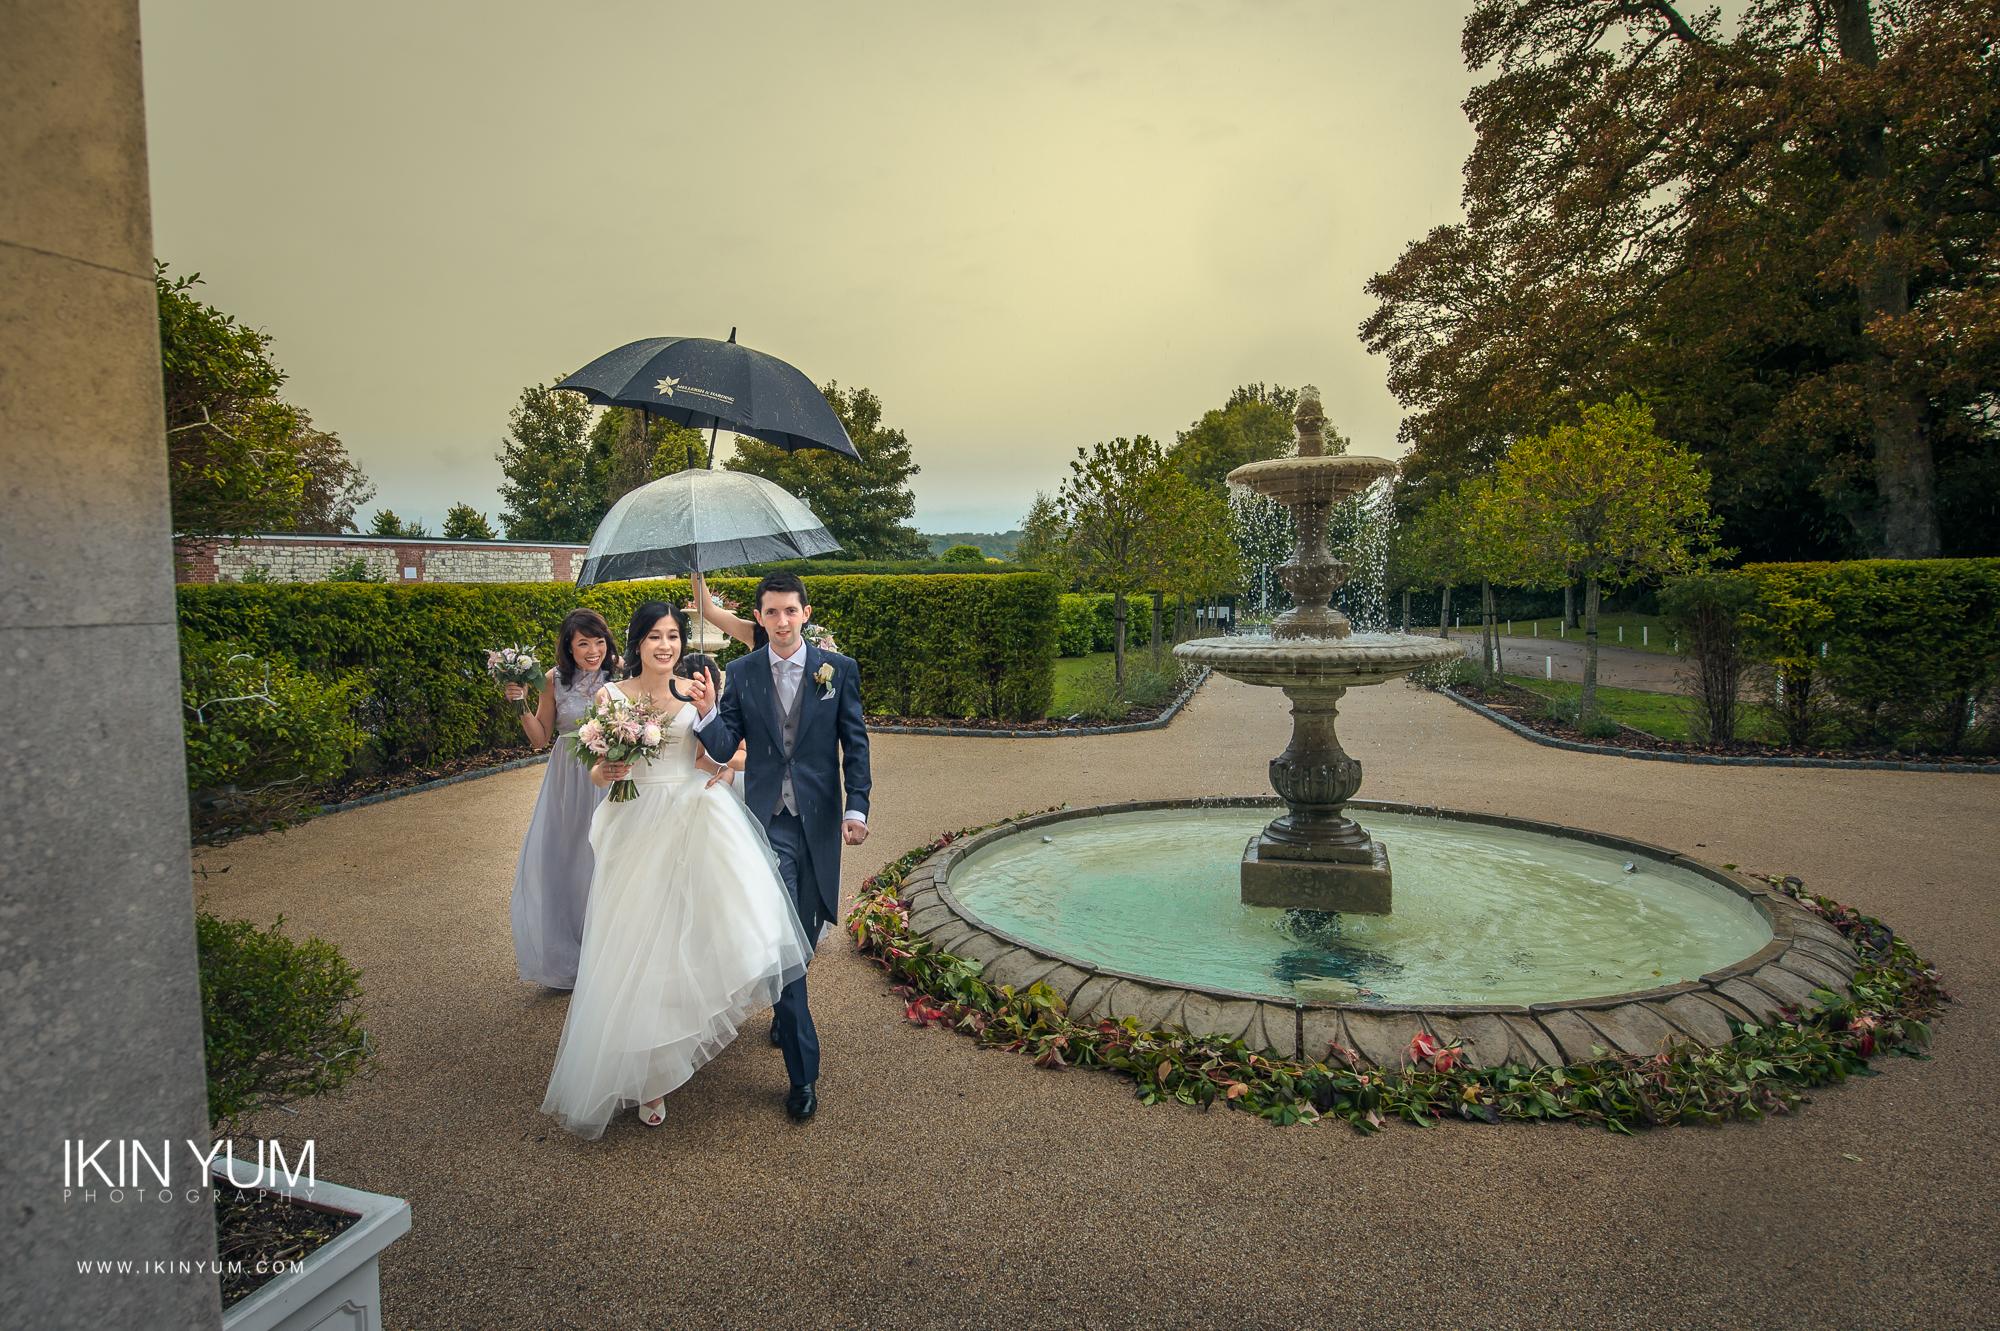 Nicola & Jonny Wedding Day - Ikin Yum Photography-092.jpg